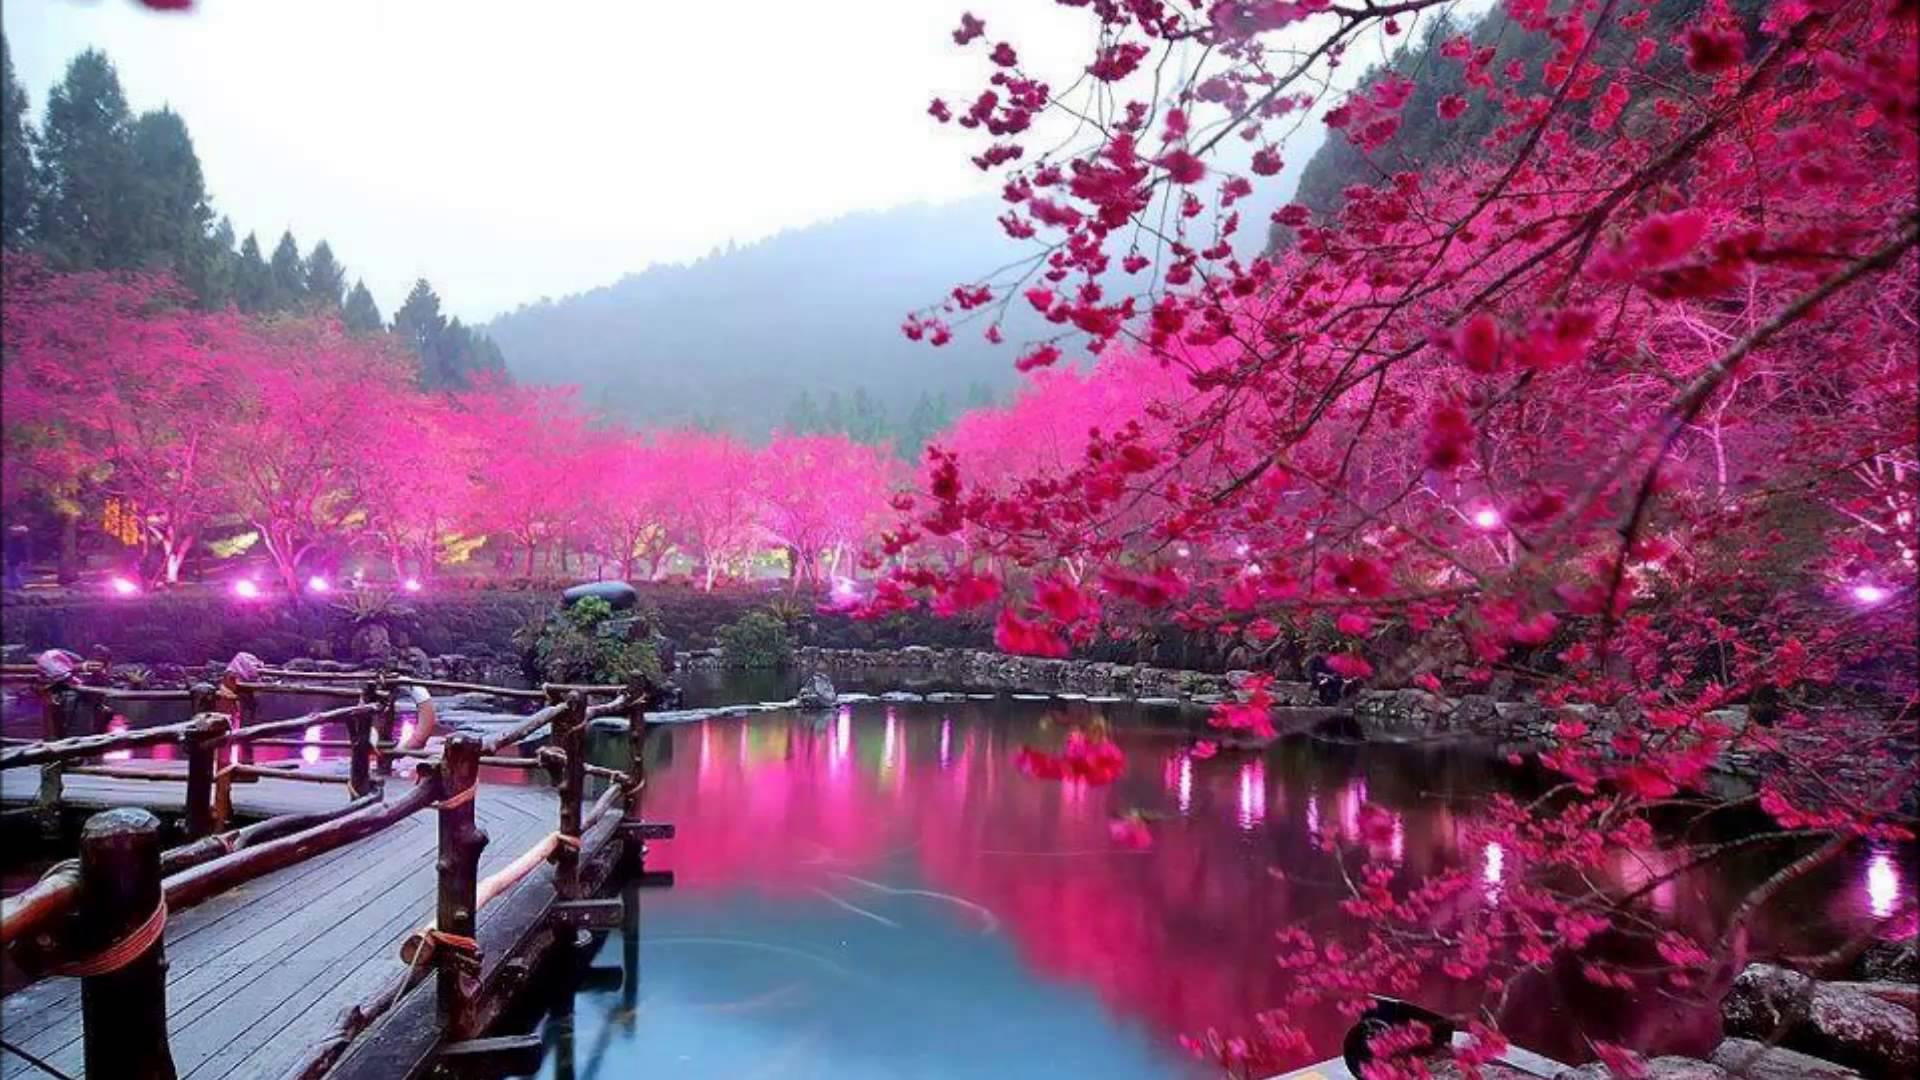 Весна 2017 - начало сезона по китайскому календарю